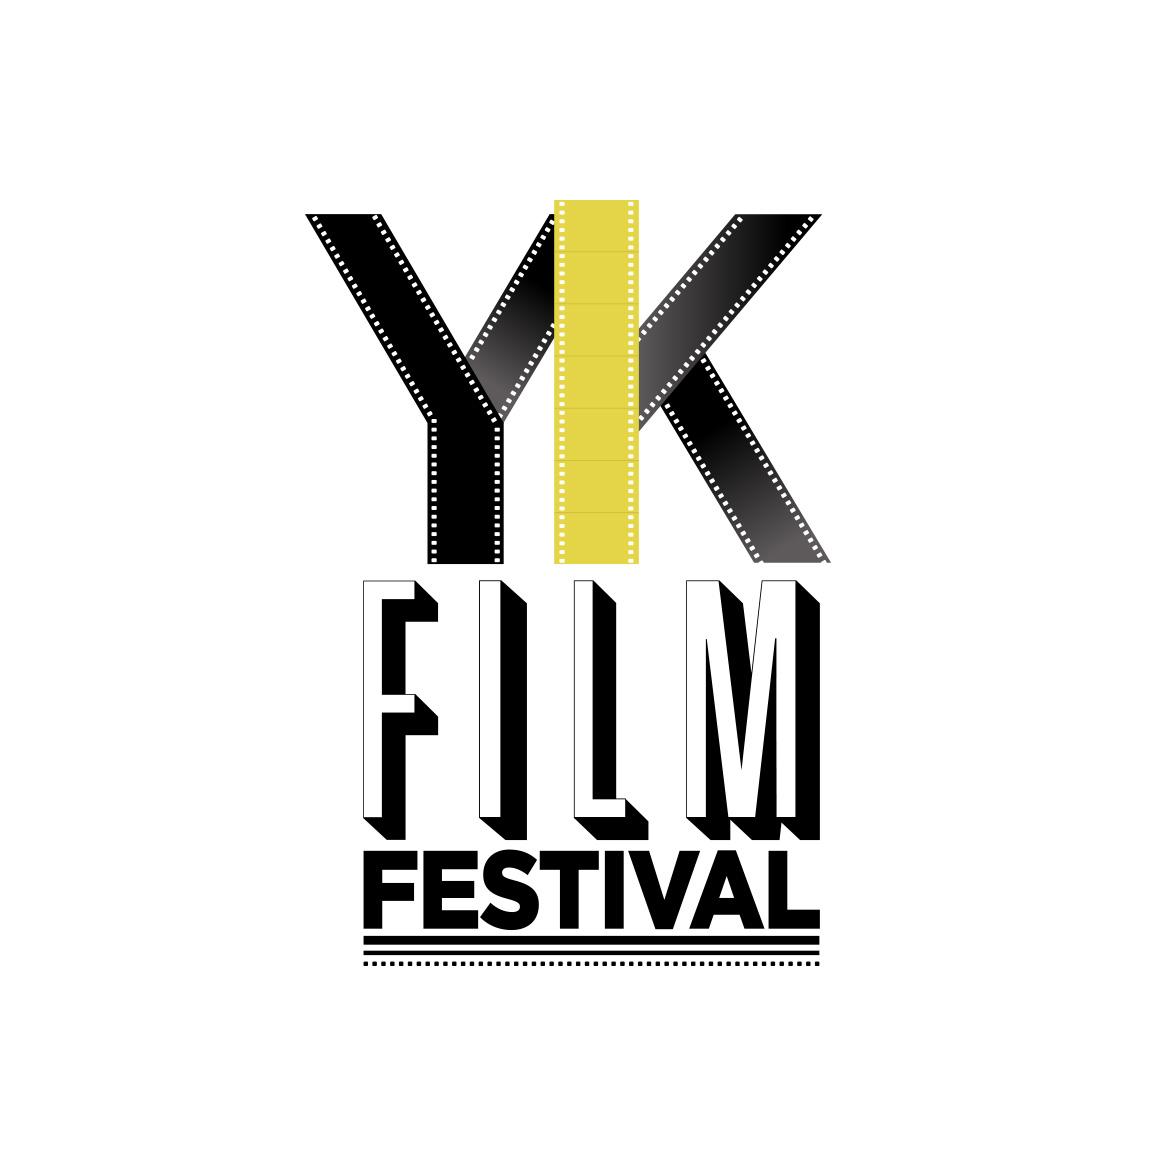 Sample image of logo design for the Yellowknife Film Festival.